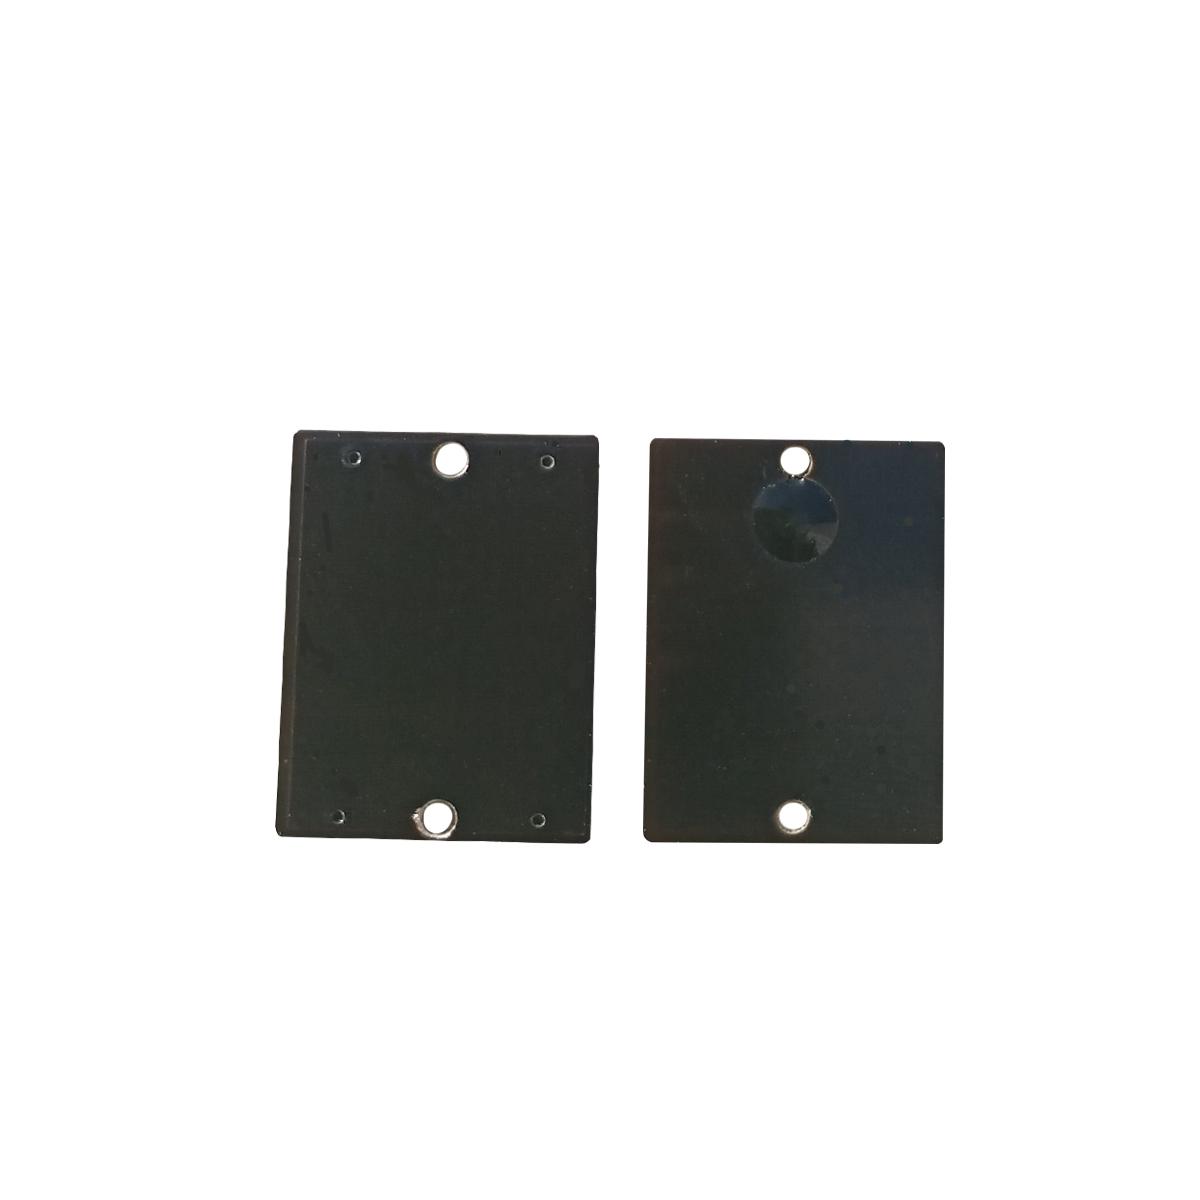 RFID UHF PCB On-metal Tag Featured Image